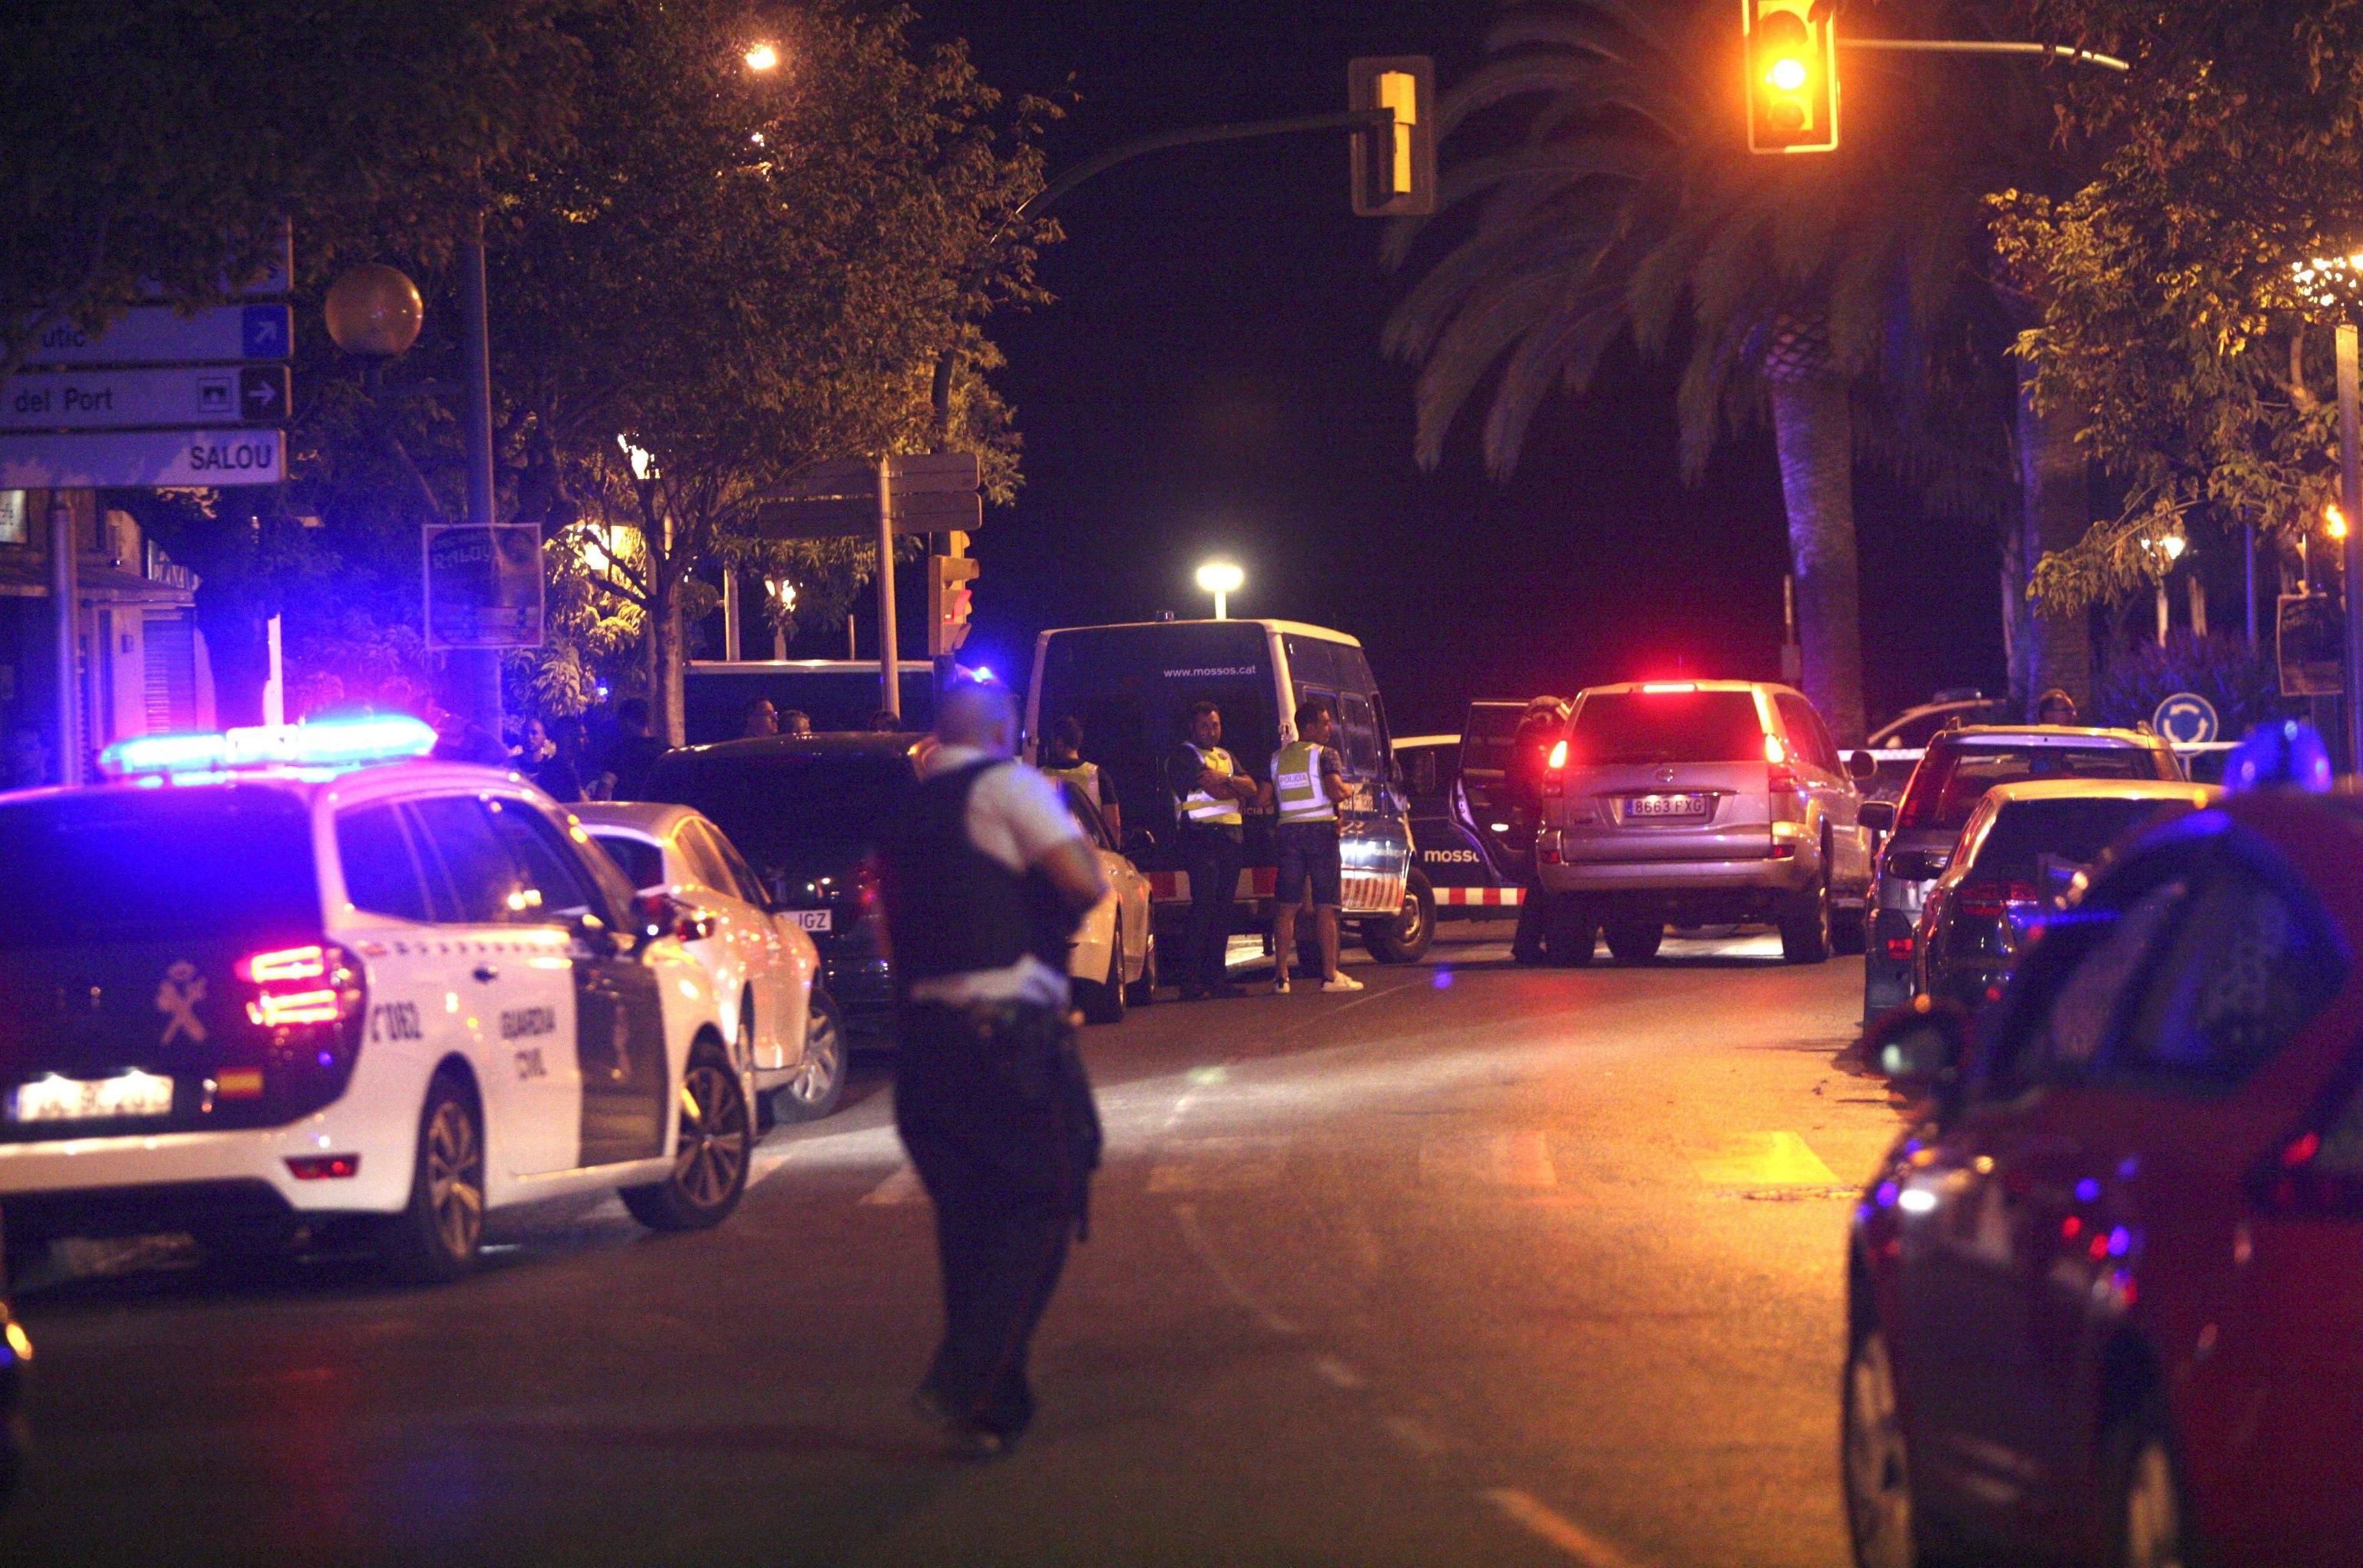 Spagna, dopo Barcellona terrore a Cambrils: 5 terroristi kamikaze uccisi, diversi feriti